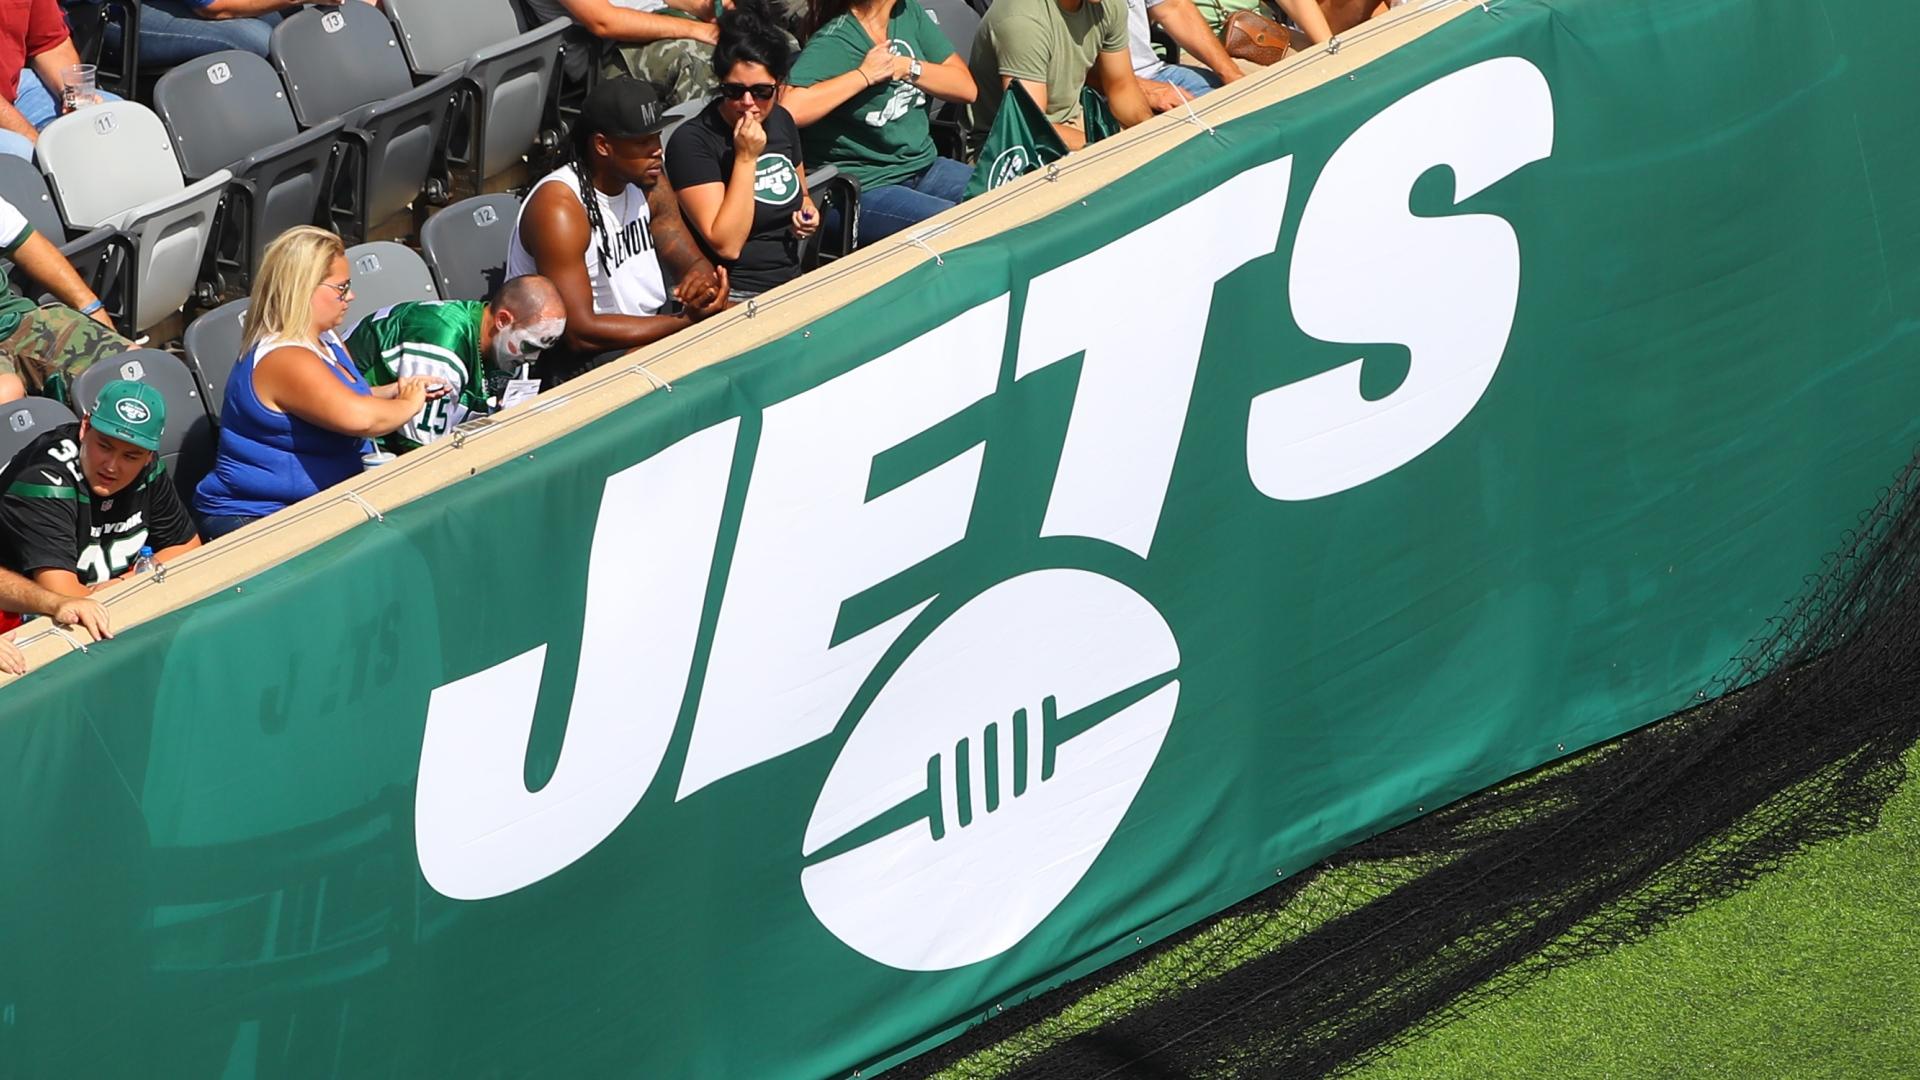 Le logo des Jets de New York